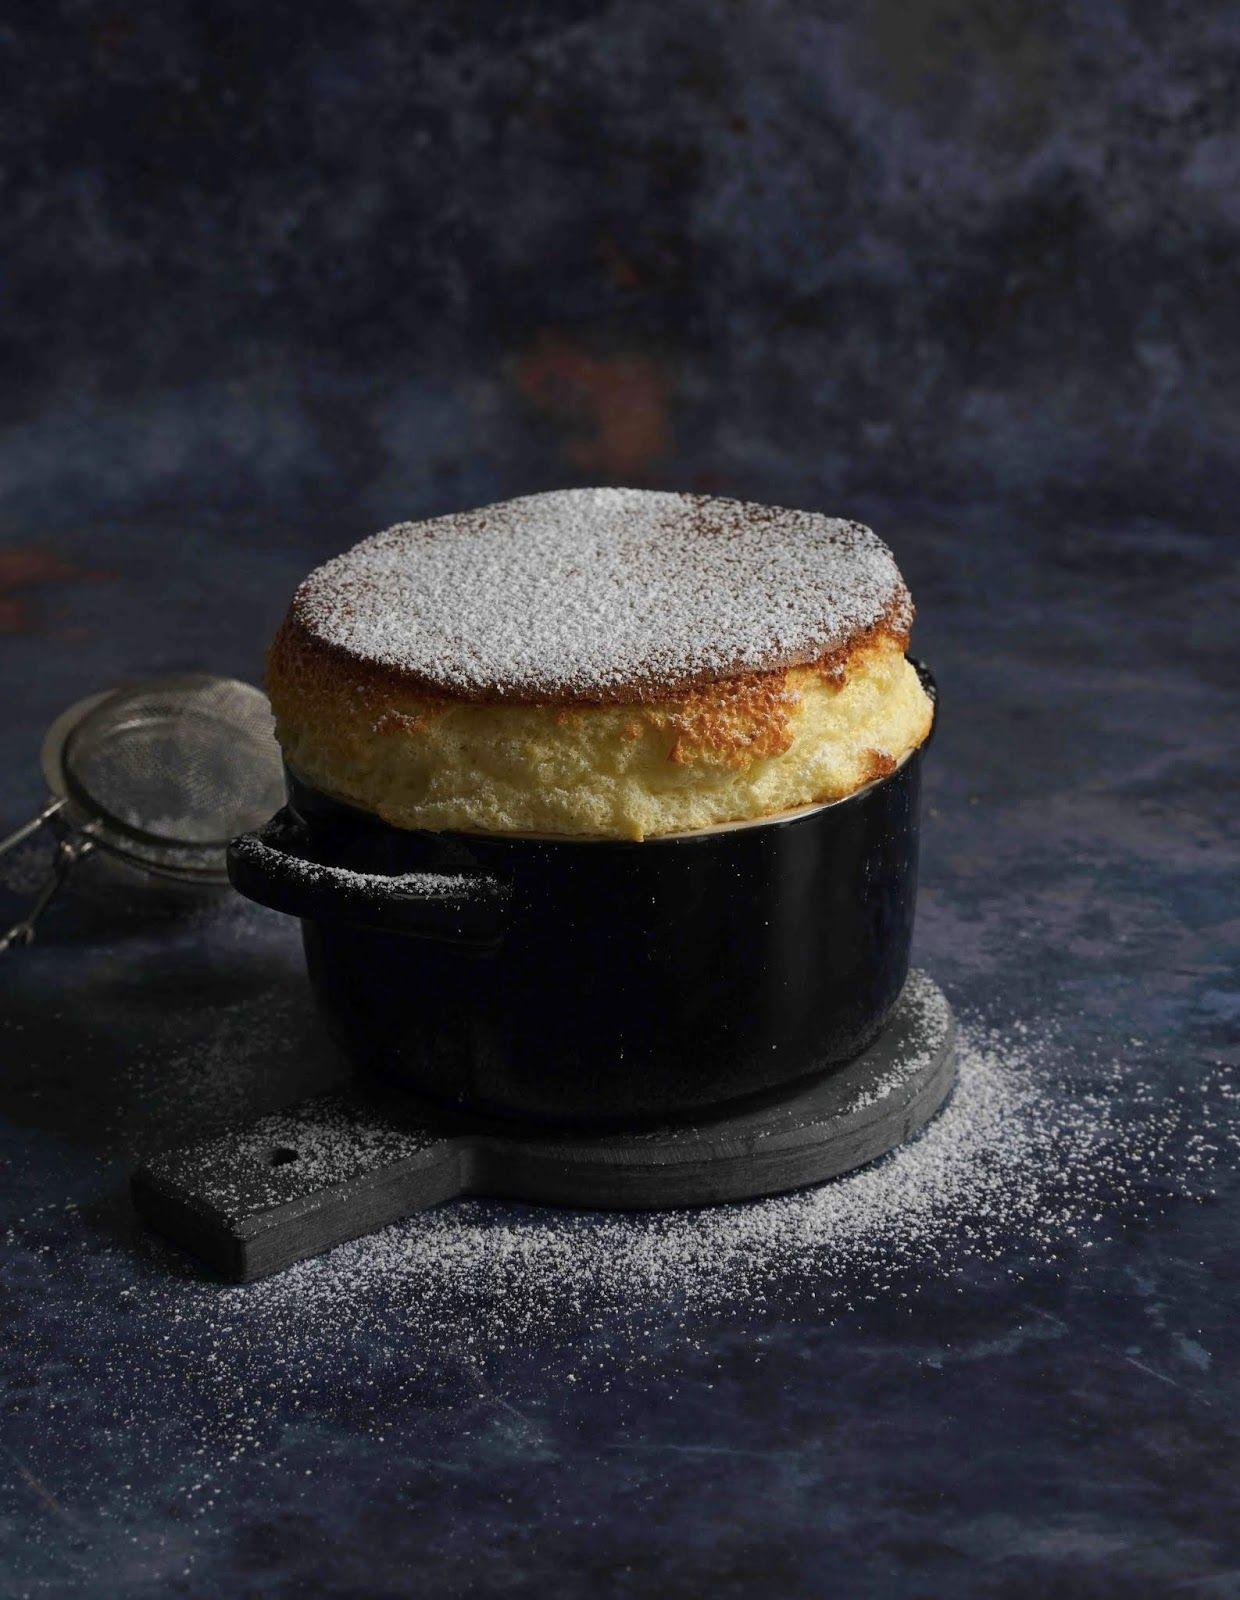 Blog De Recettes De Cuisine De Saison Equilibree Rapide Facile Gourmande Creative Du Quotidien Pour Toute L Grand Marnier Recette Recettes De Cuisine